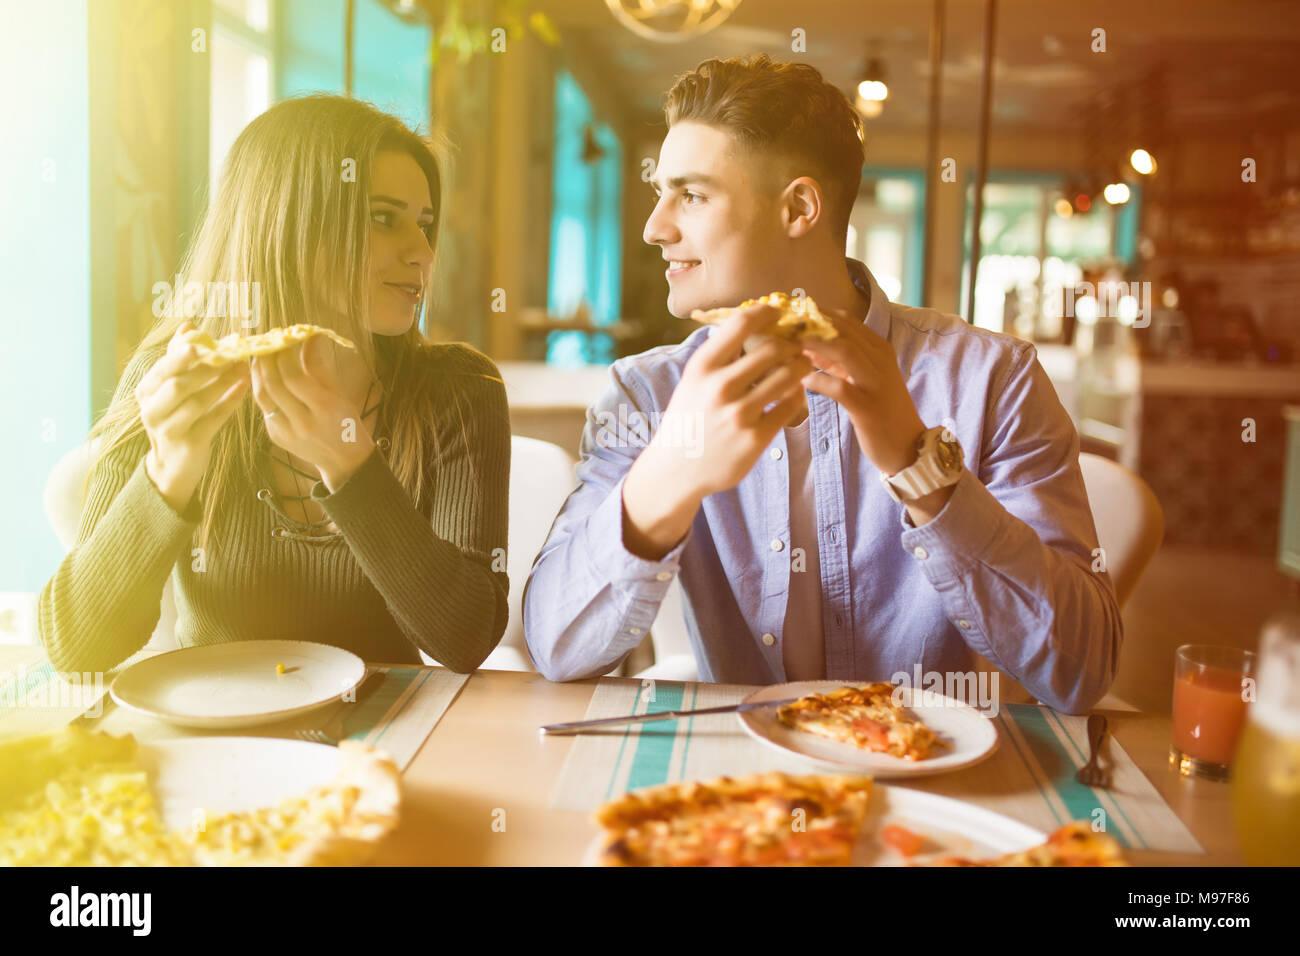 Close up foto di coppia giovane godendo in pizza, divertirsi insieme. Il consumismo, il cibo, il concetto di stile di vita Immagini Stock